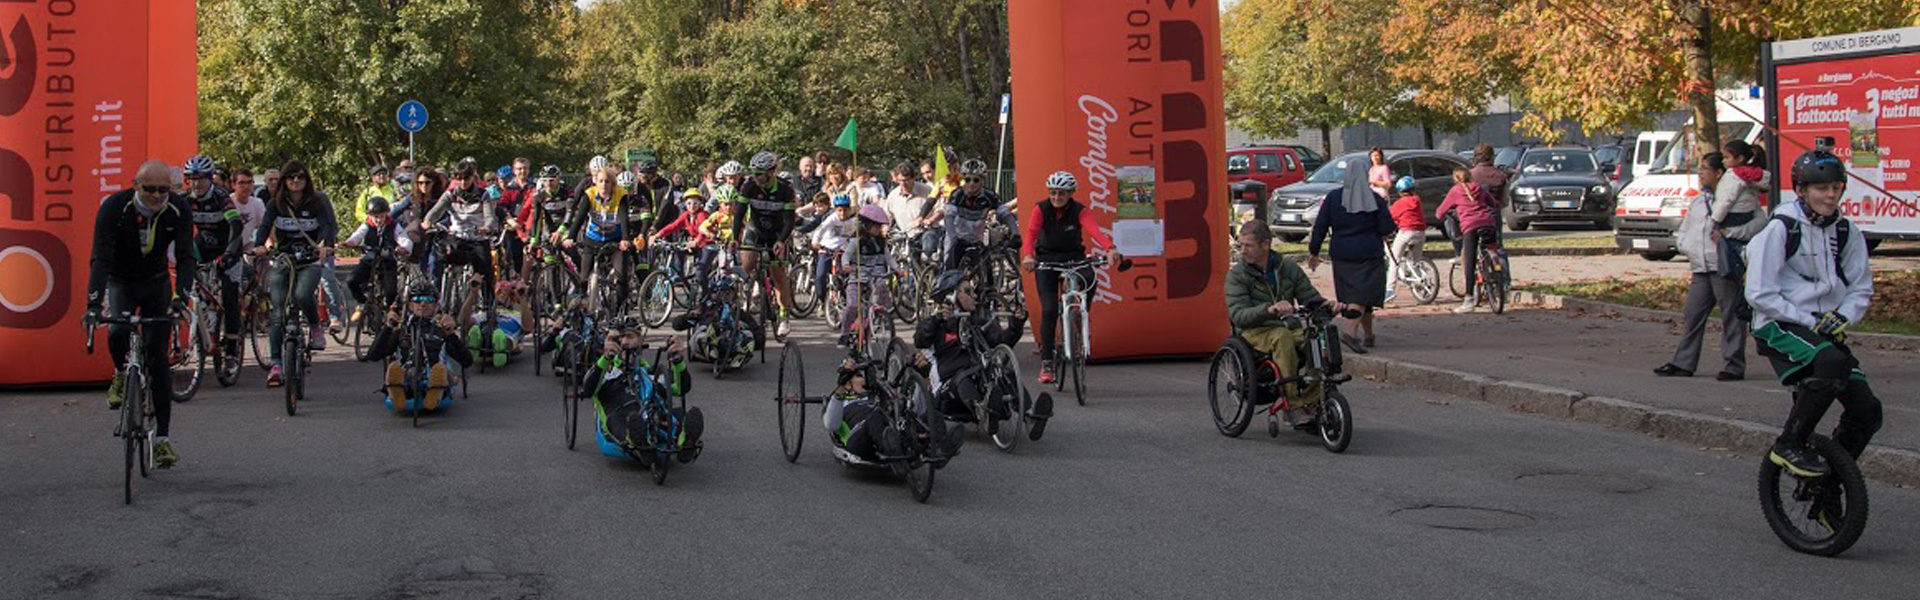 BiciclettHANDo 2016: passeggiata ciclistica solidale